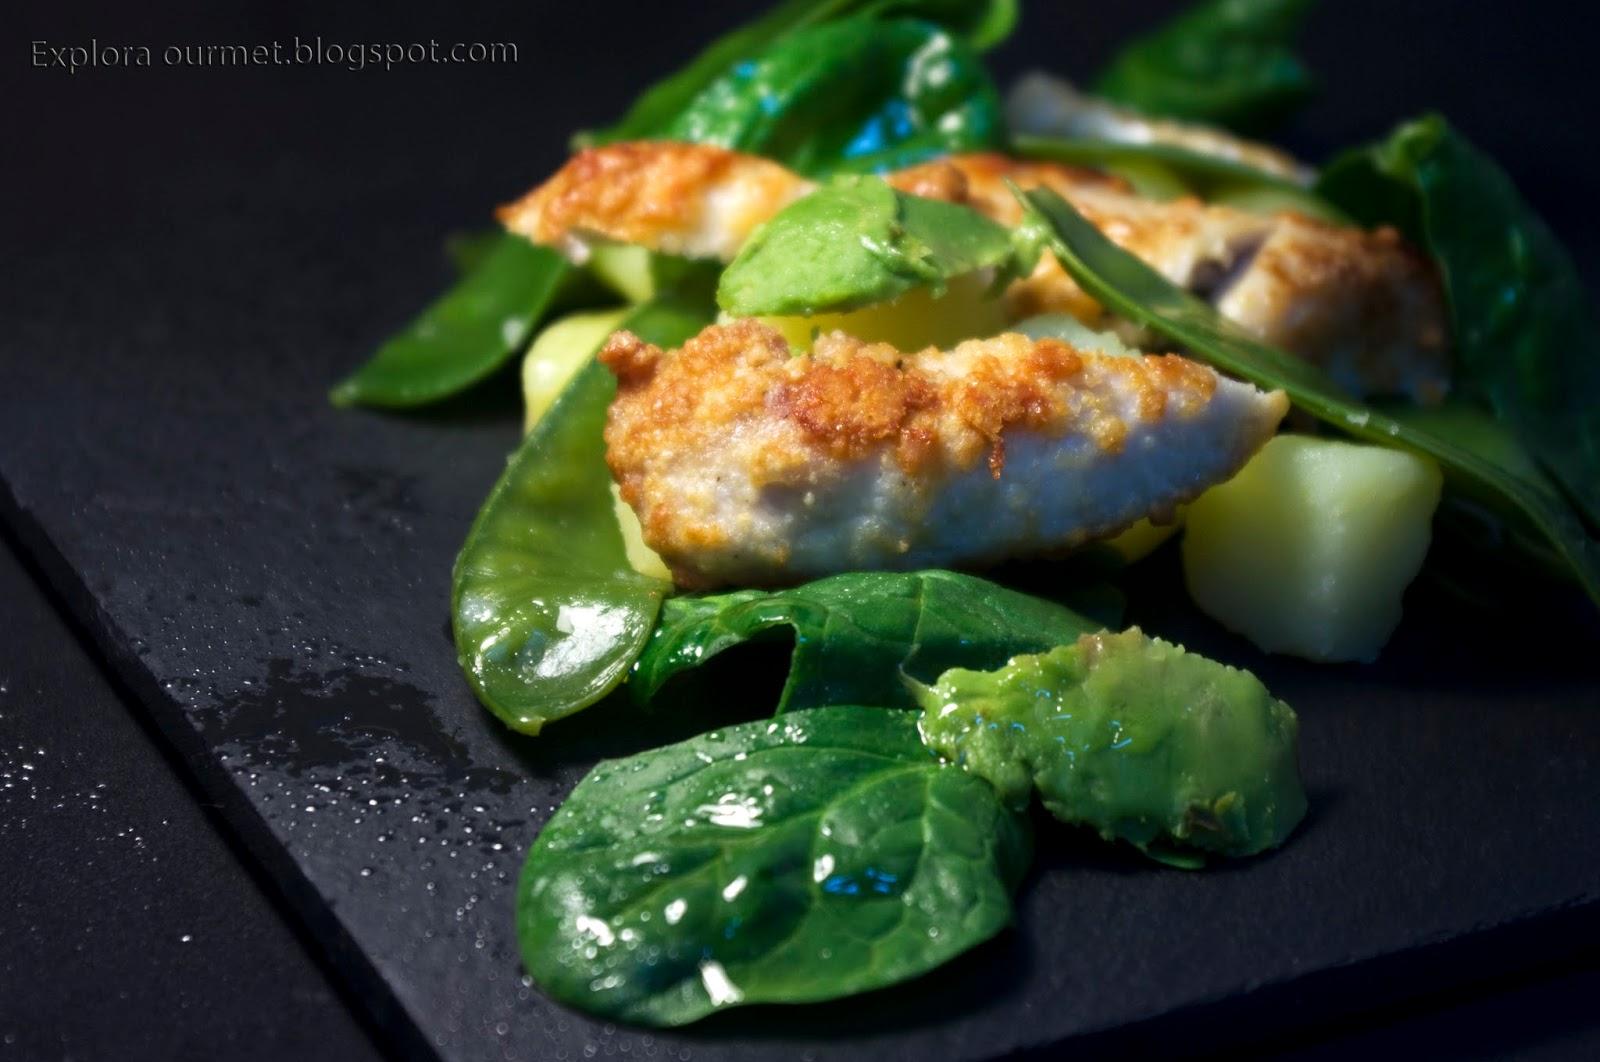 Ensalada caliente de guisantes frescos, pollo asado con parmesano y espinacas